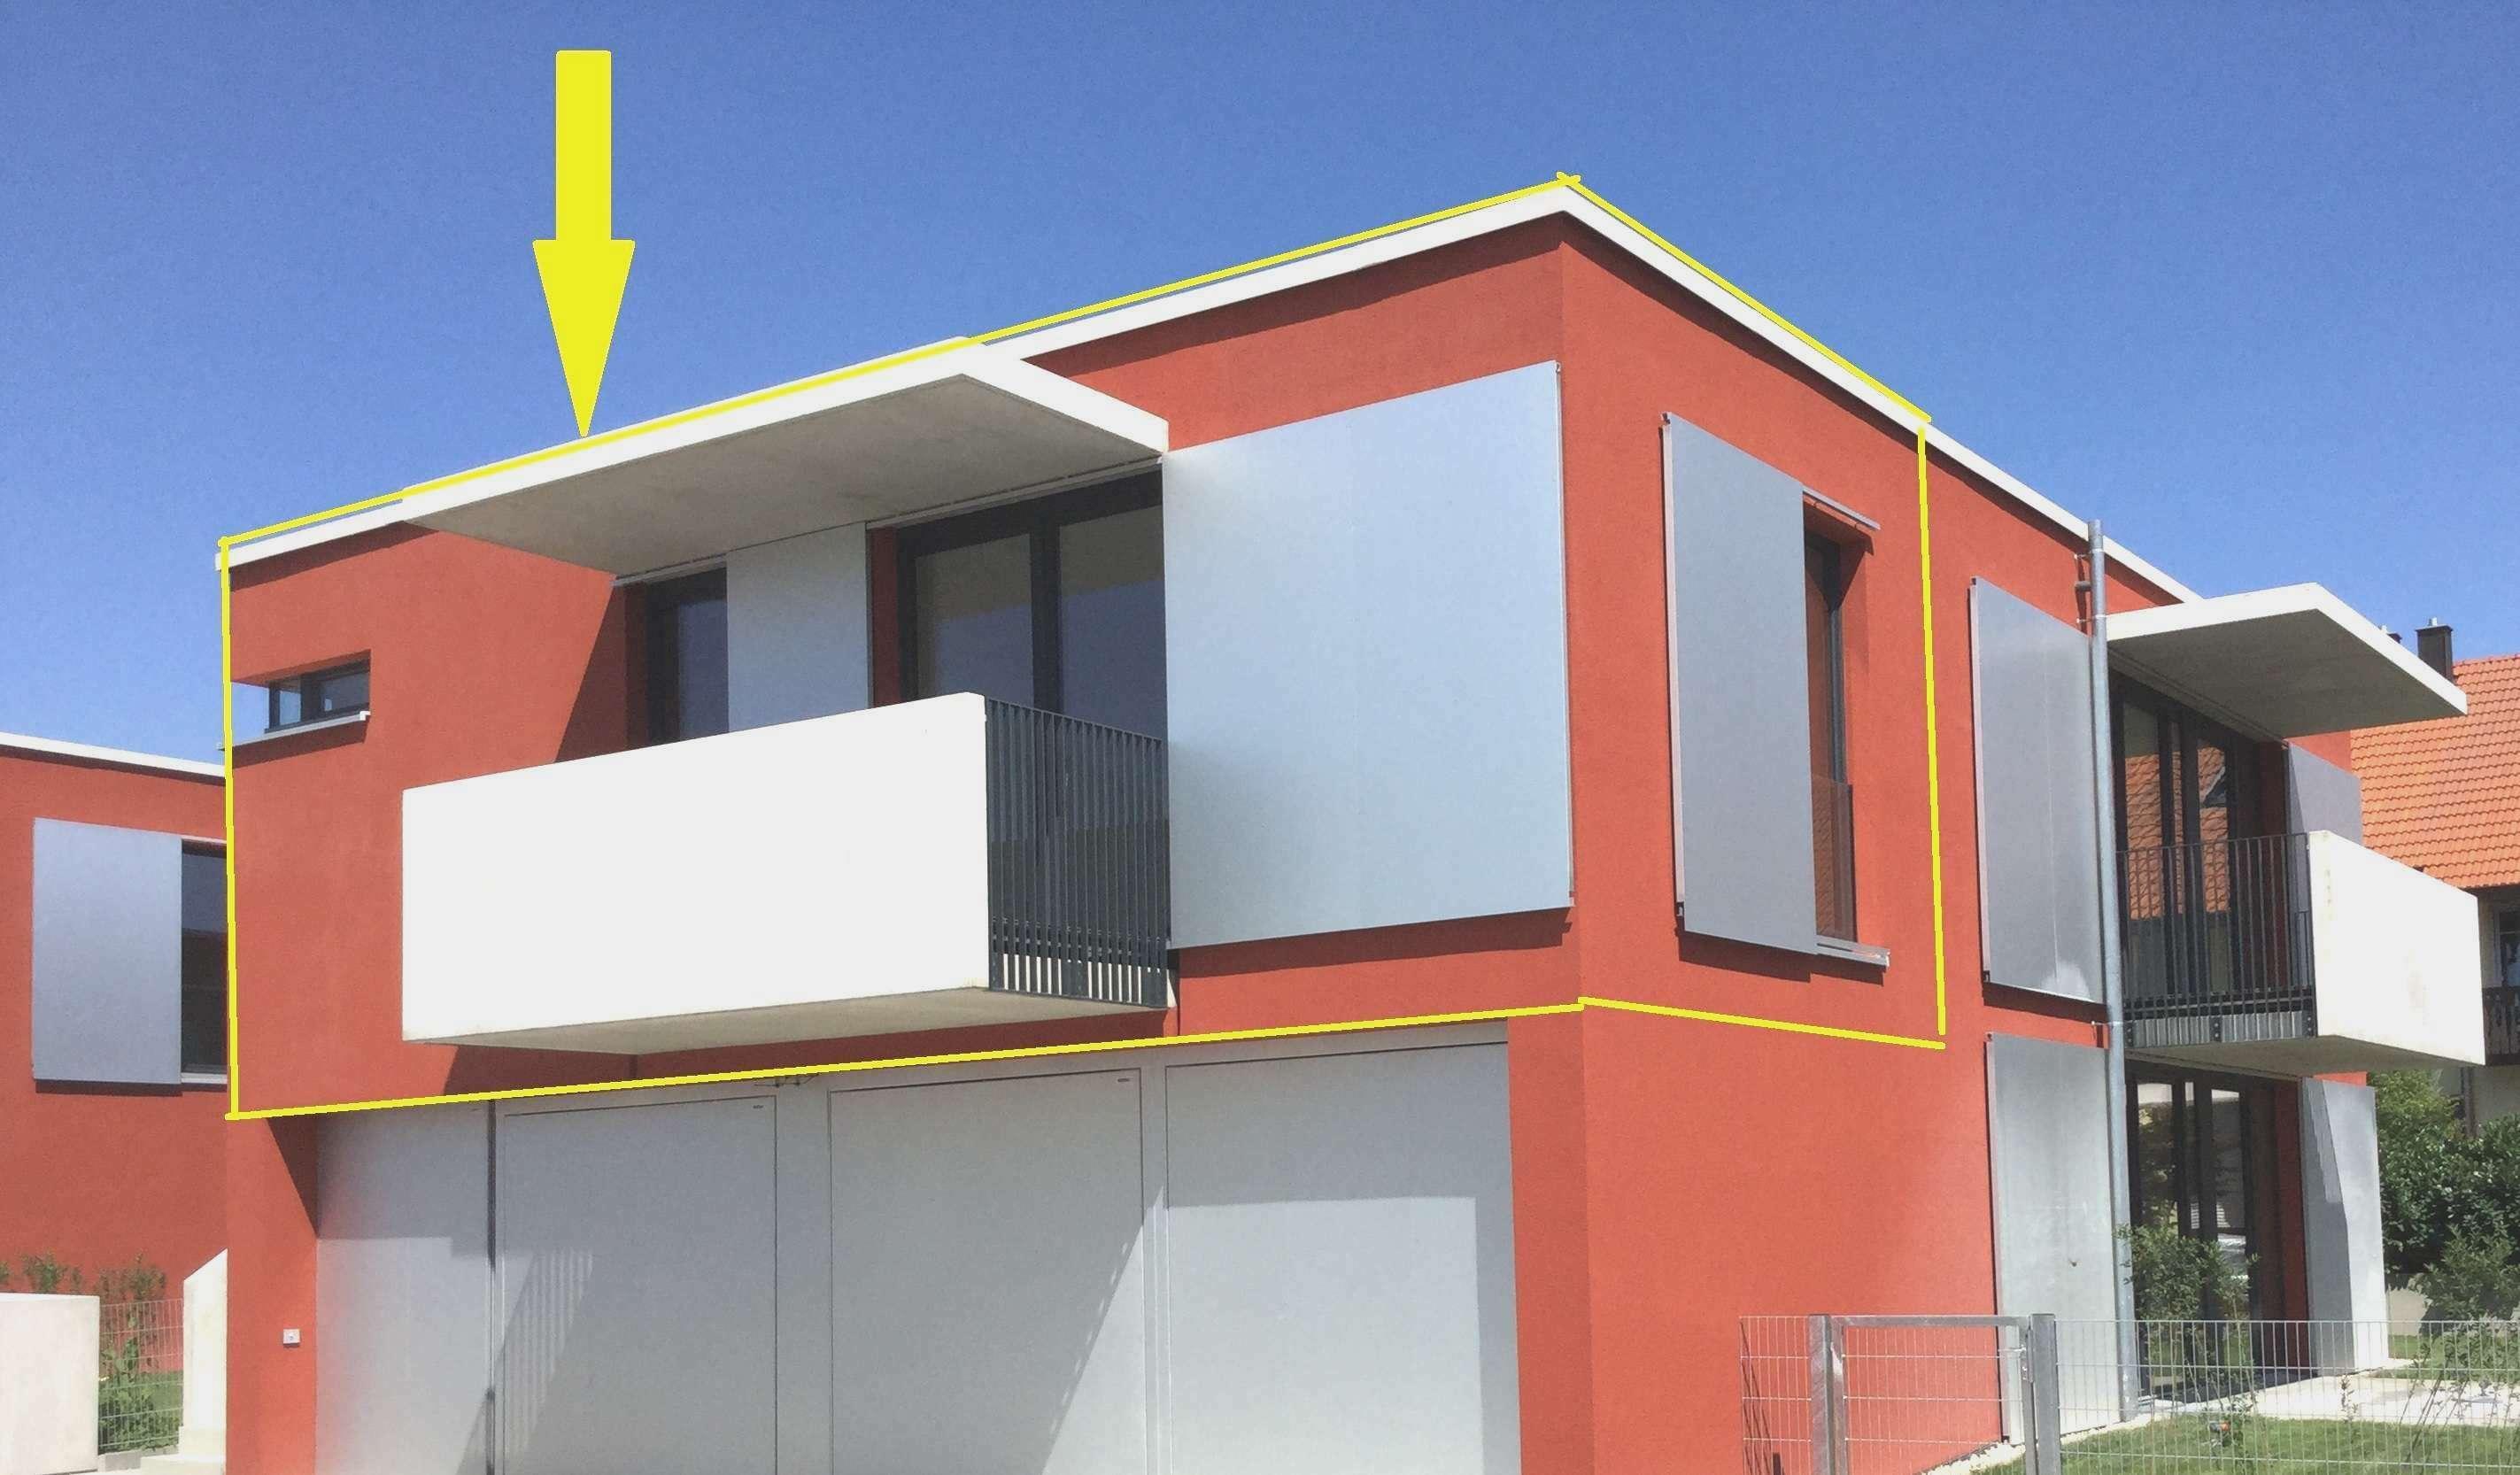 Hochwertige Neubauwohnung in ruhiger Lage in Gaimersheim zu vermieten in Gaimersheim